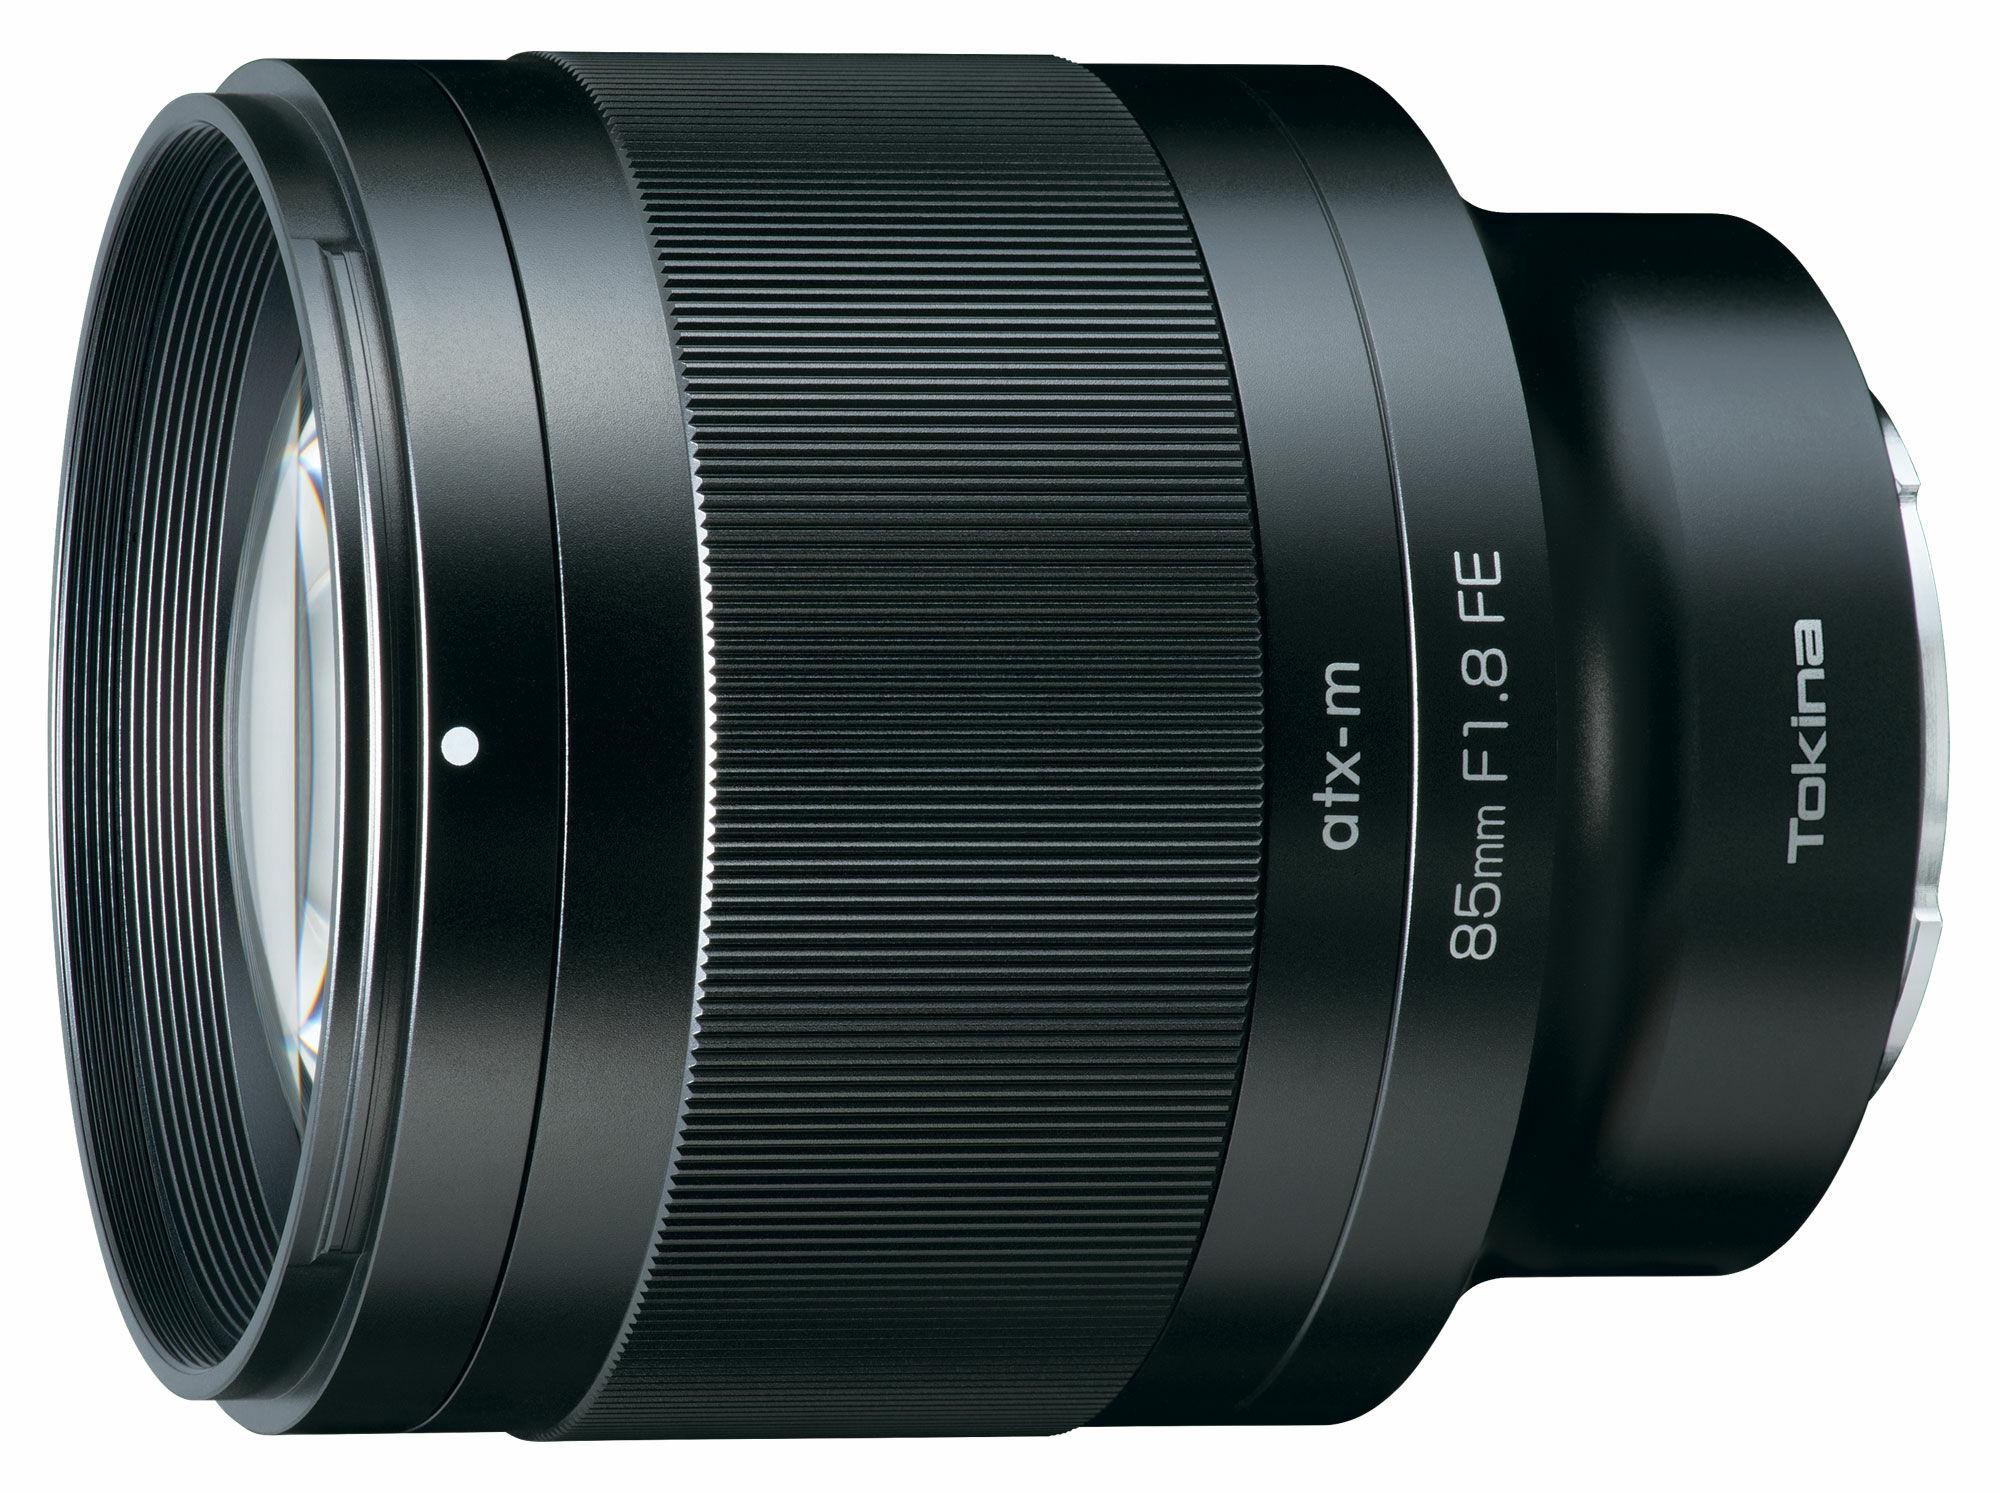 ミラーレスカメラ専用交換レンズの新シリーズ「atx-m」第1弾「atx-m 8…